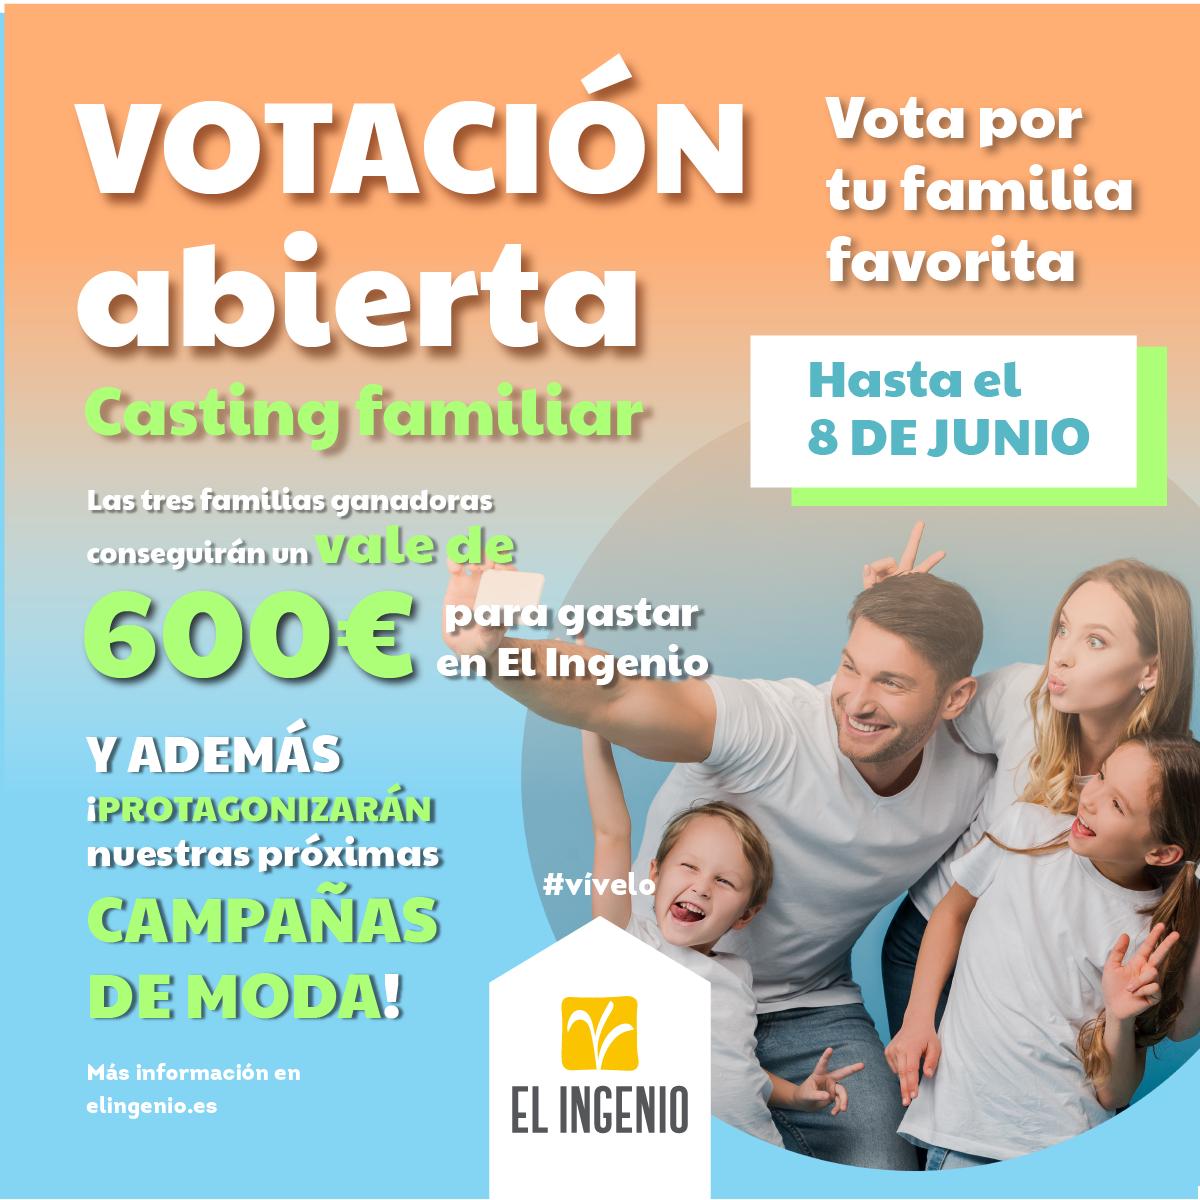 votaciones casting